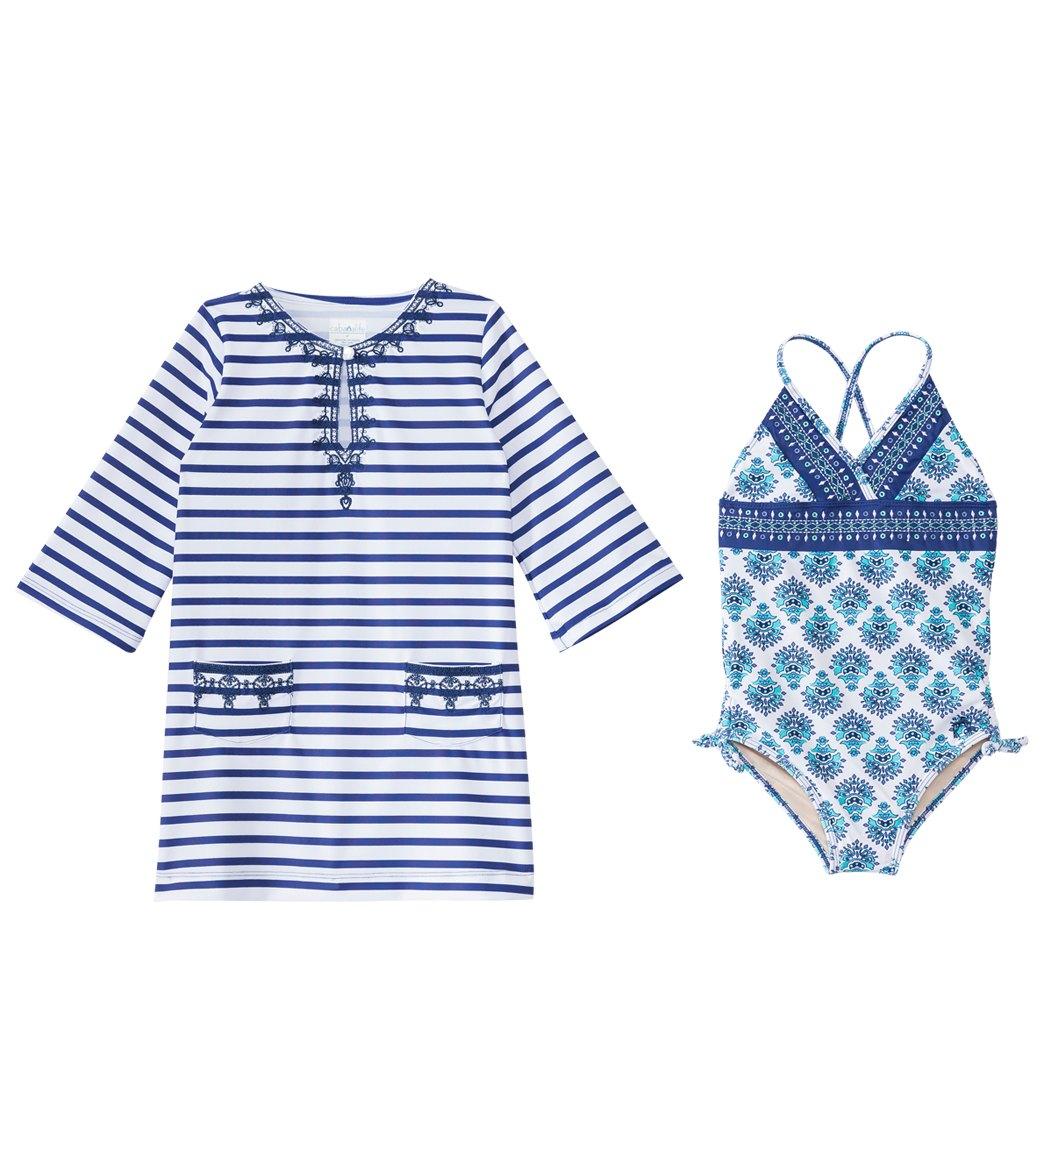 603269fdf6 ... Cabana Life Girls  UPF 50+ Coastal Crush One Piece Swimsuit   Cover Up  Set. Share